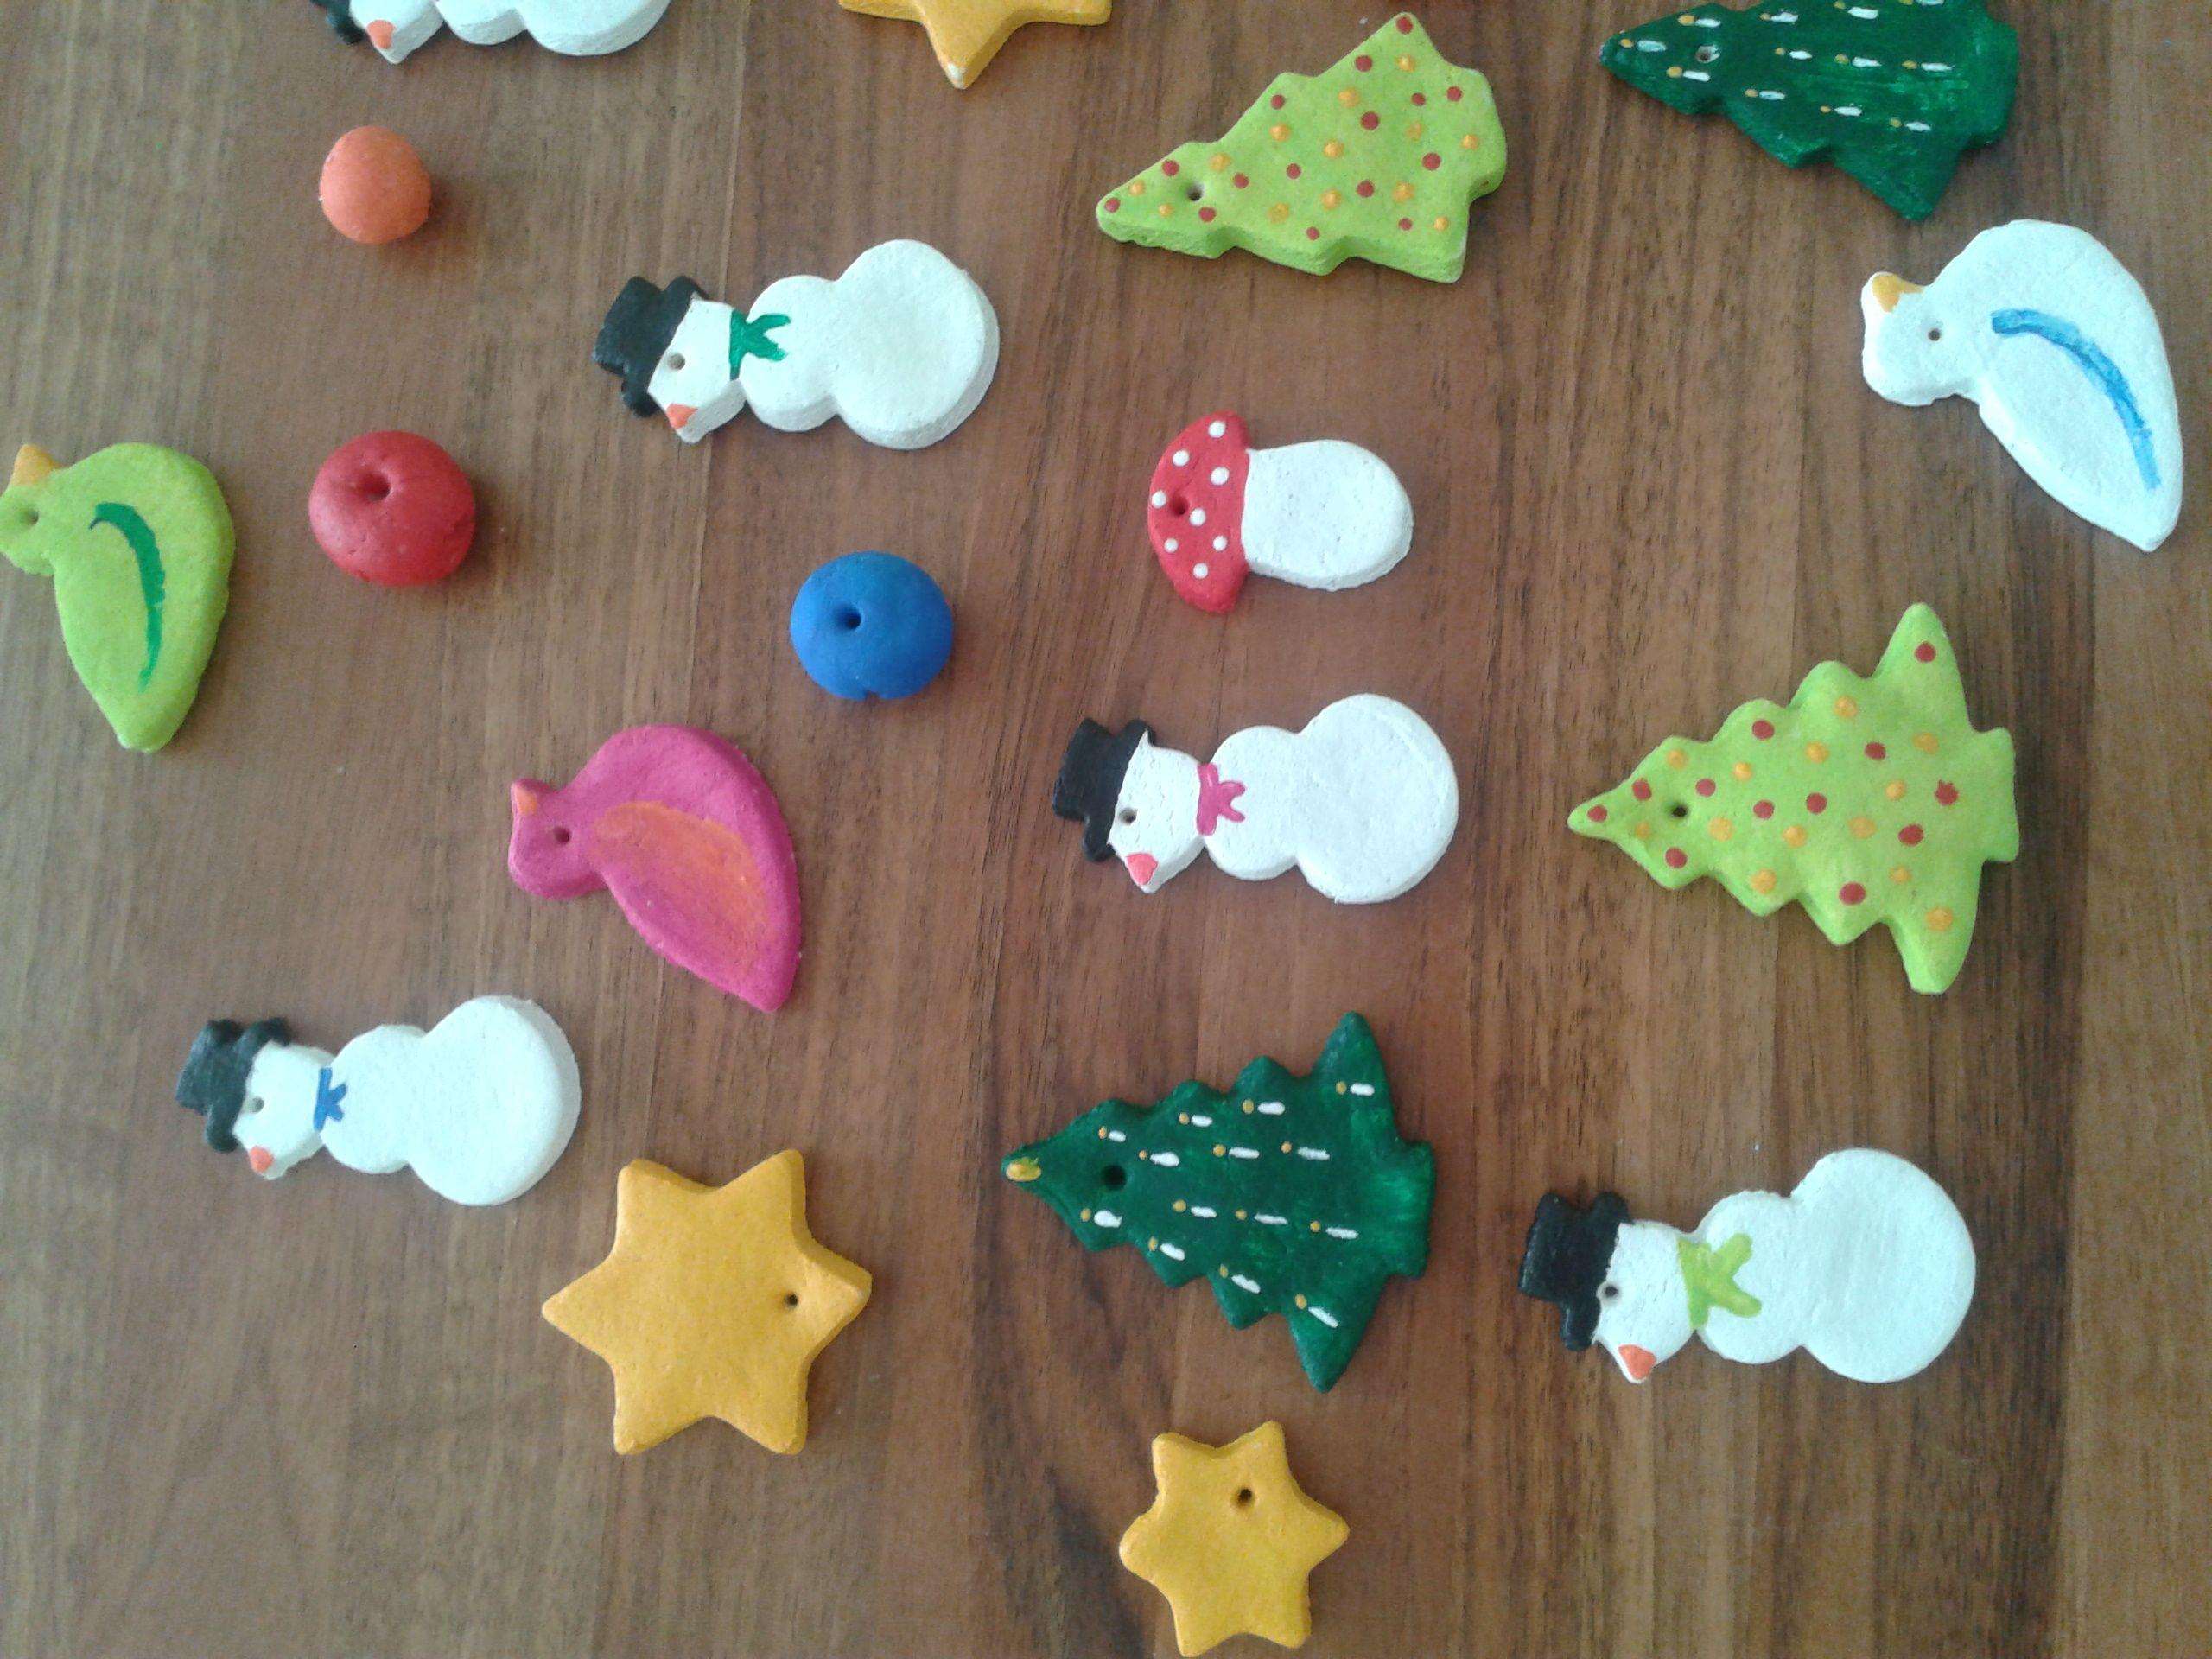 Kinder Basteln Weihnachten Weihnachtsbaumschmuck Aus Salzteig